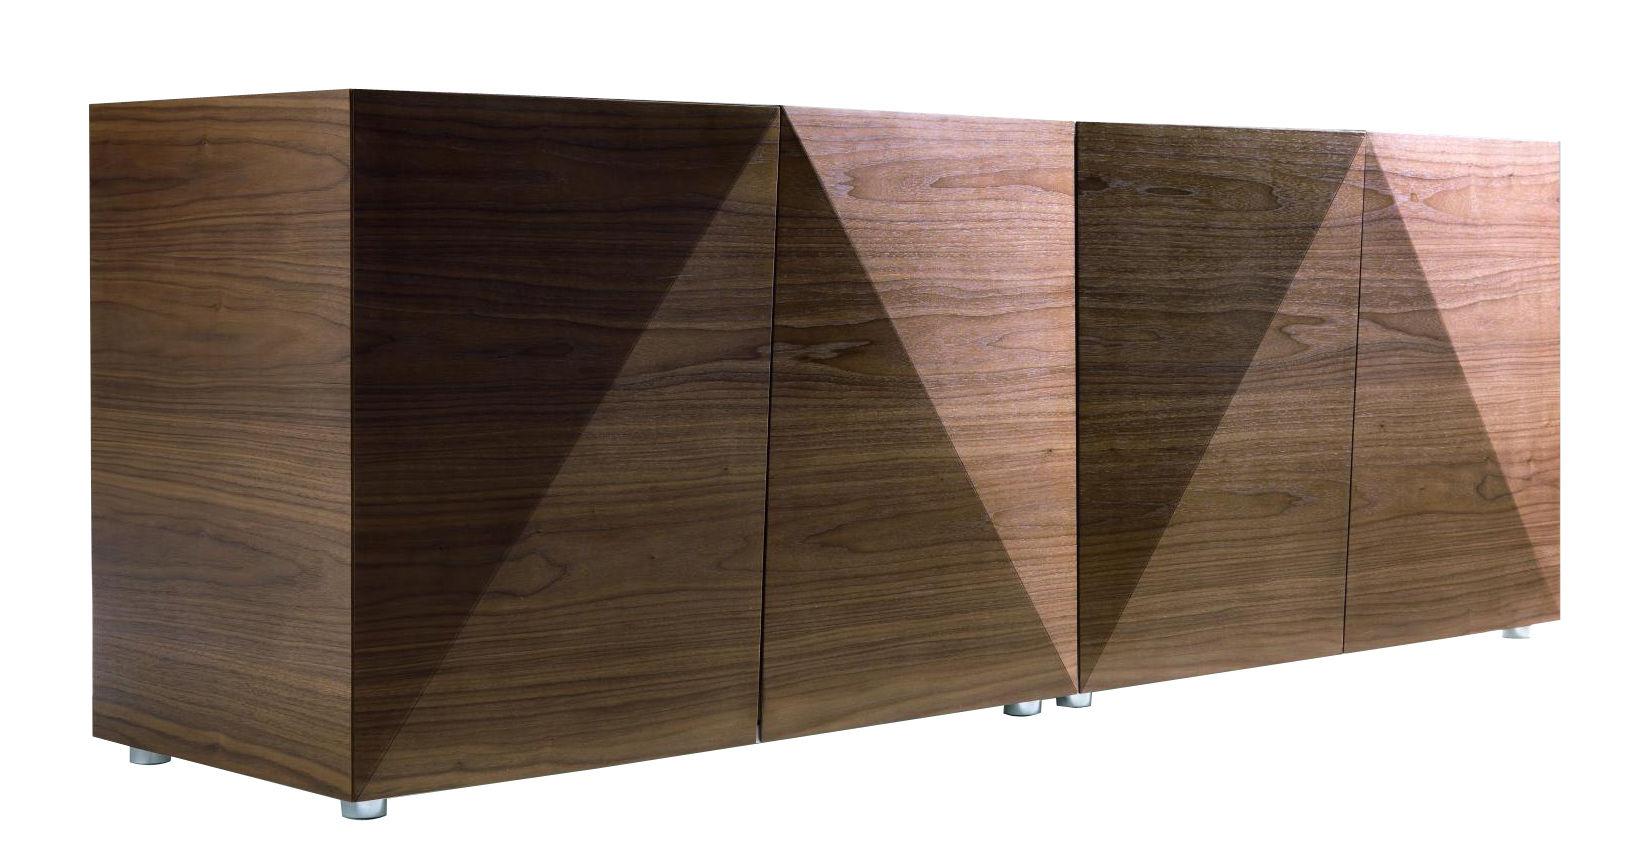 Mobilier - Commodes, buffets & armoires - Buffet Not Riddled / L 192 x H 66 cm - Horm - Noyer & blanc - Matériau composite, Mélaminé laqué, Noyer